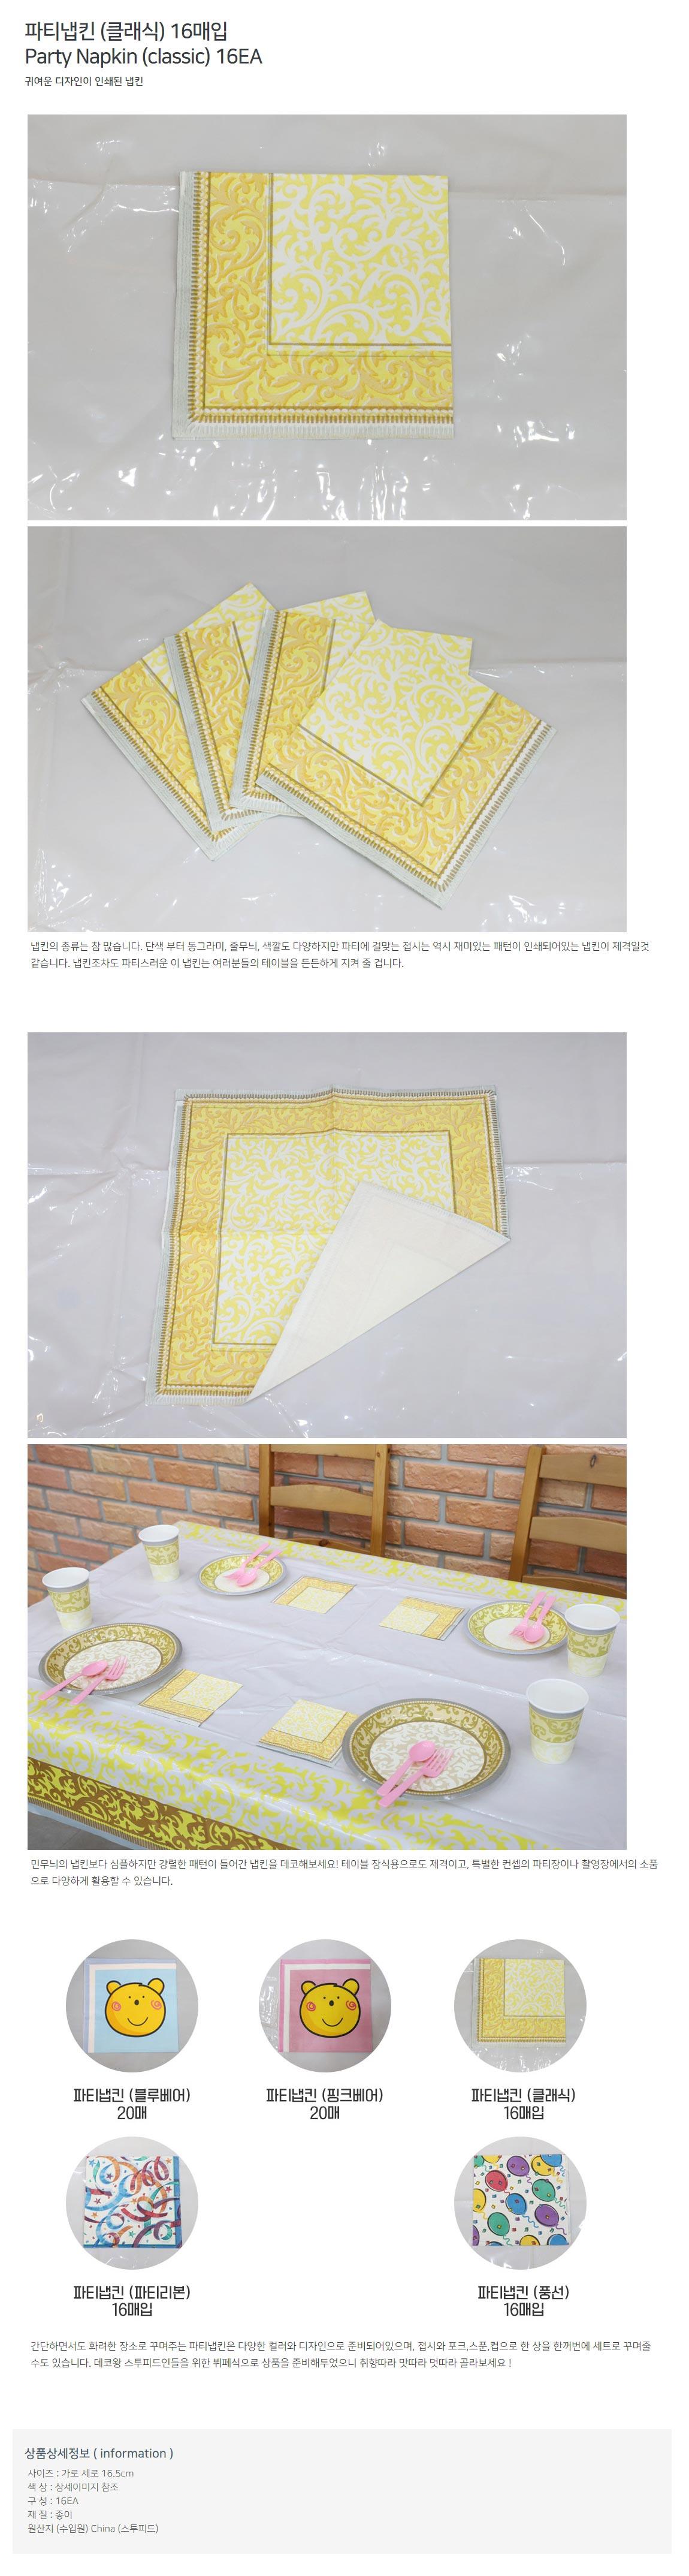 파티냅킨 (클래식) 16매입 - 스투피드, 2,000원, 파티용품, 식기/테이블/세트